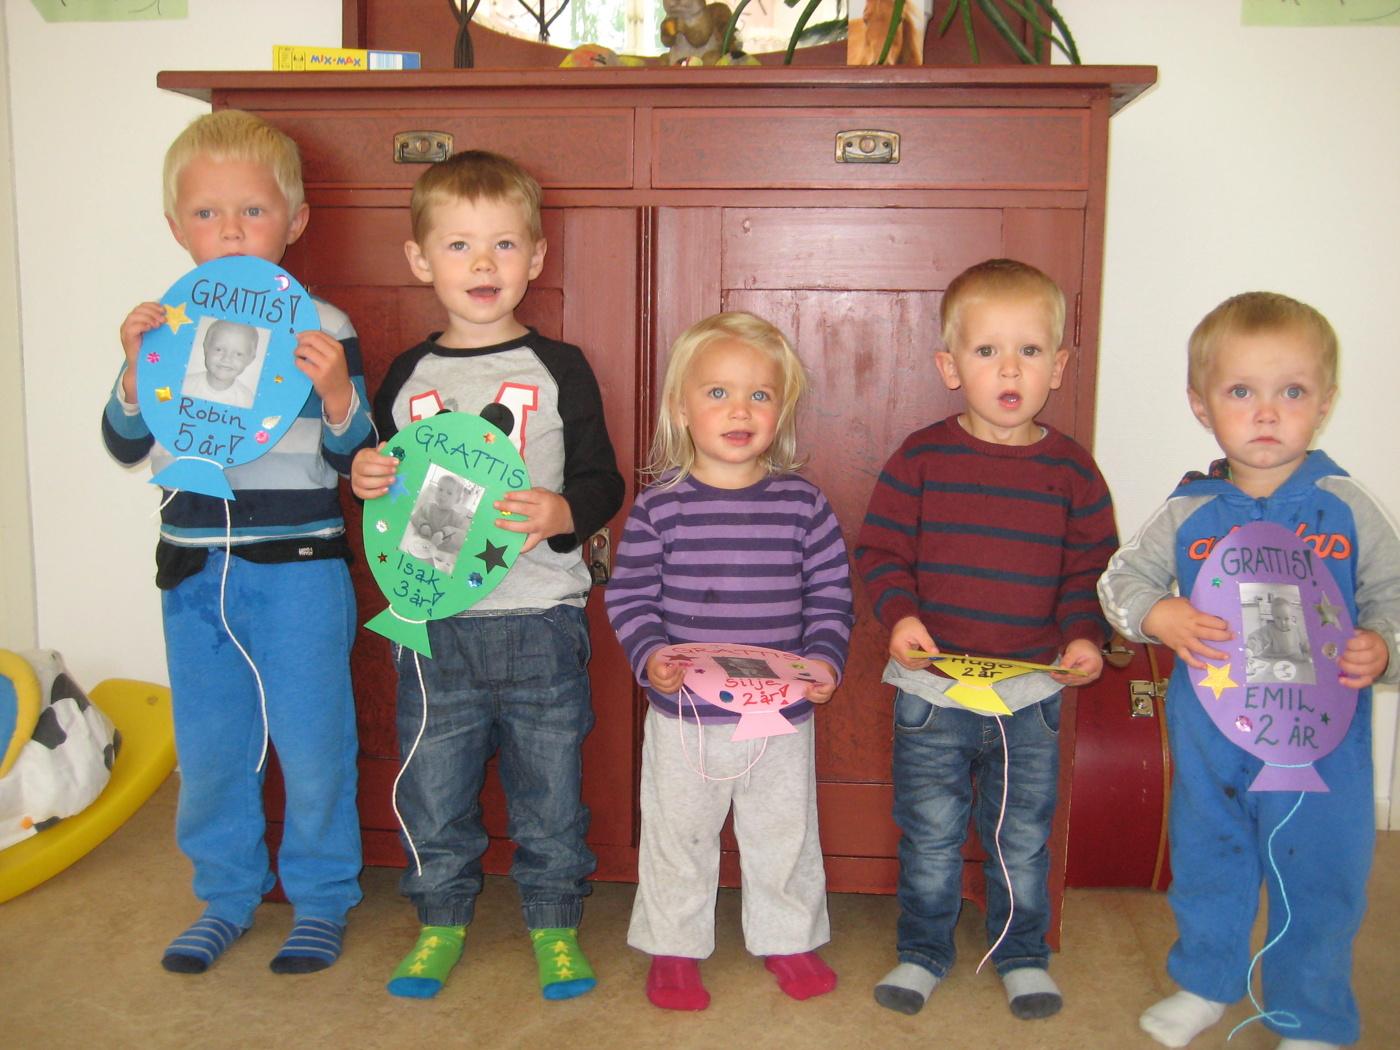 fira födelsedag på förskolan 2014 08   Blogg | Småfolk förskola i Rådom   Personalkooperativ fira födelsedag på förskolan